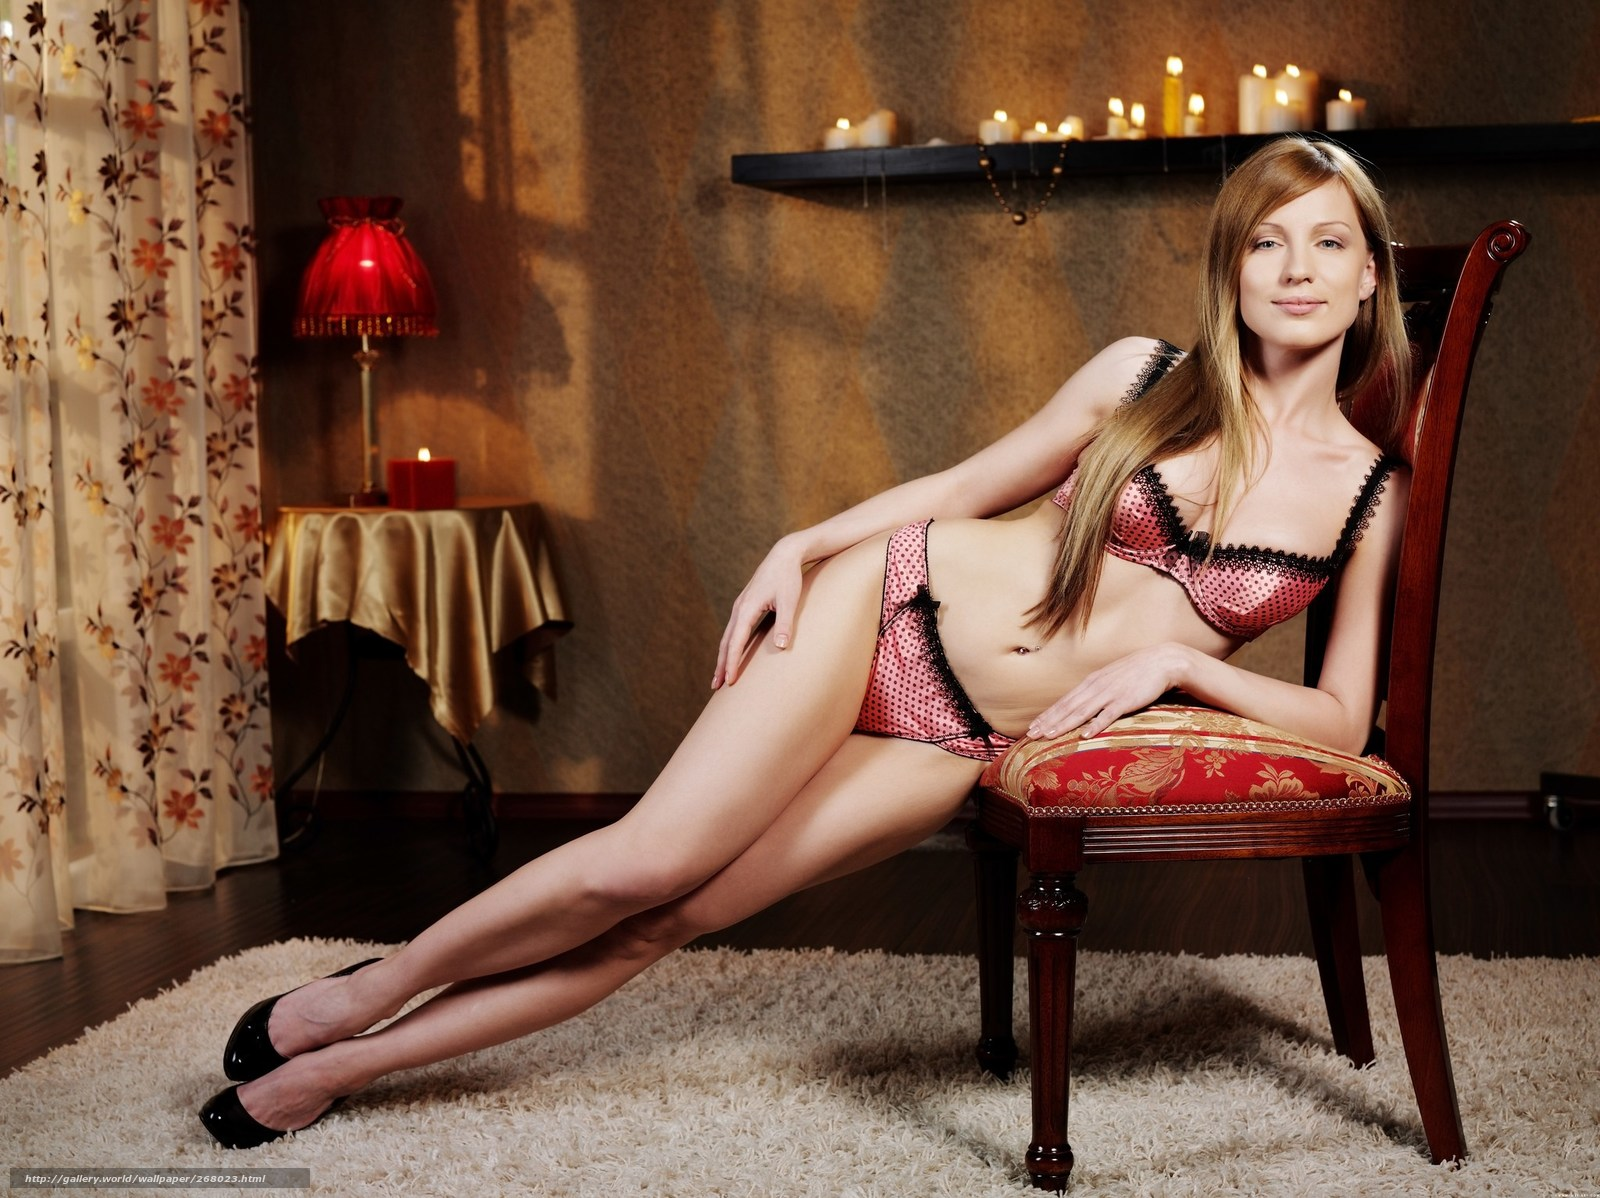 Сексуальная девственница фото 7 фотография